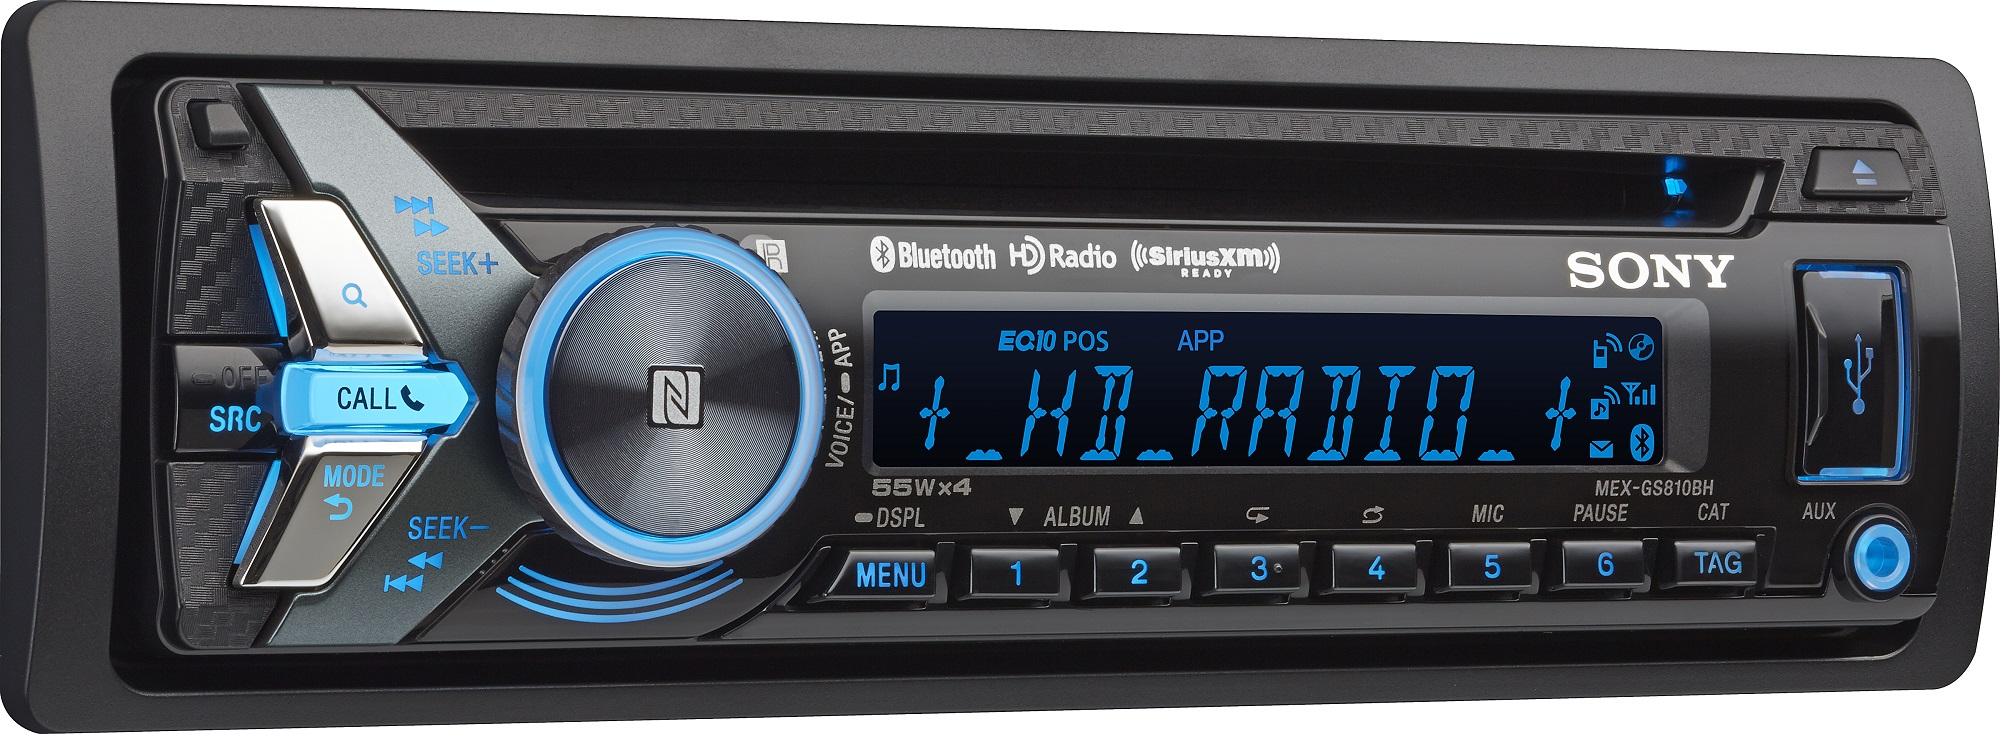 Sony Mex Gs810bh Streaming Bluetooth Nfc Hd Radio Car